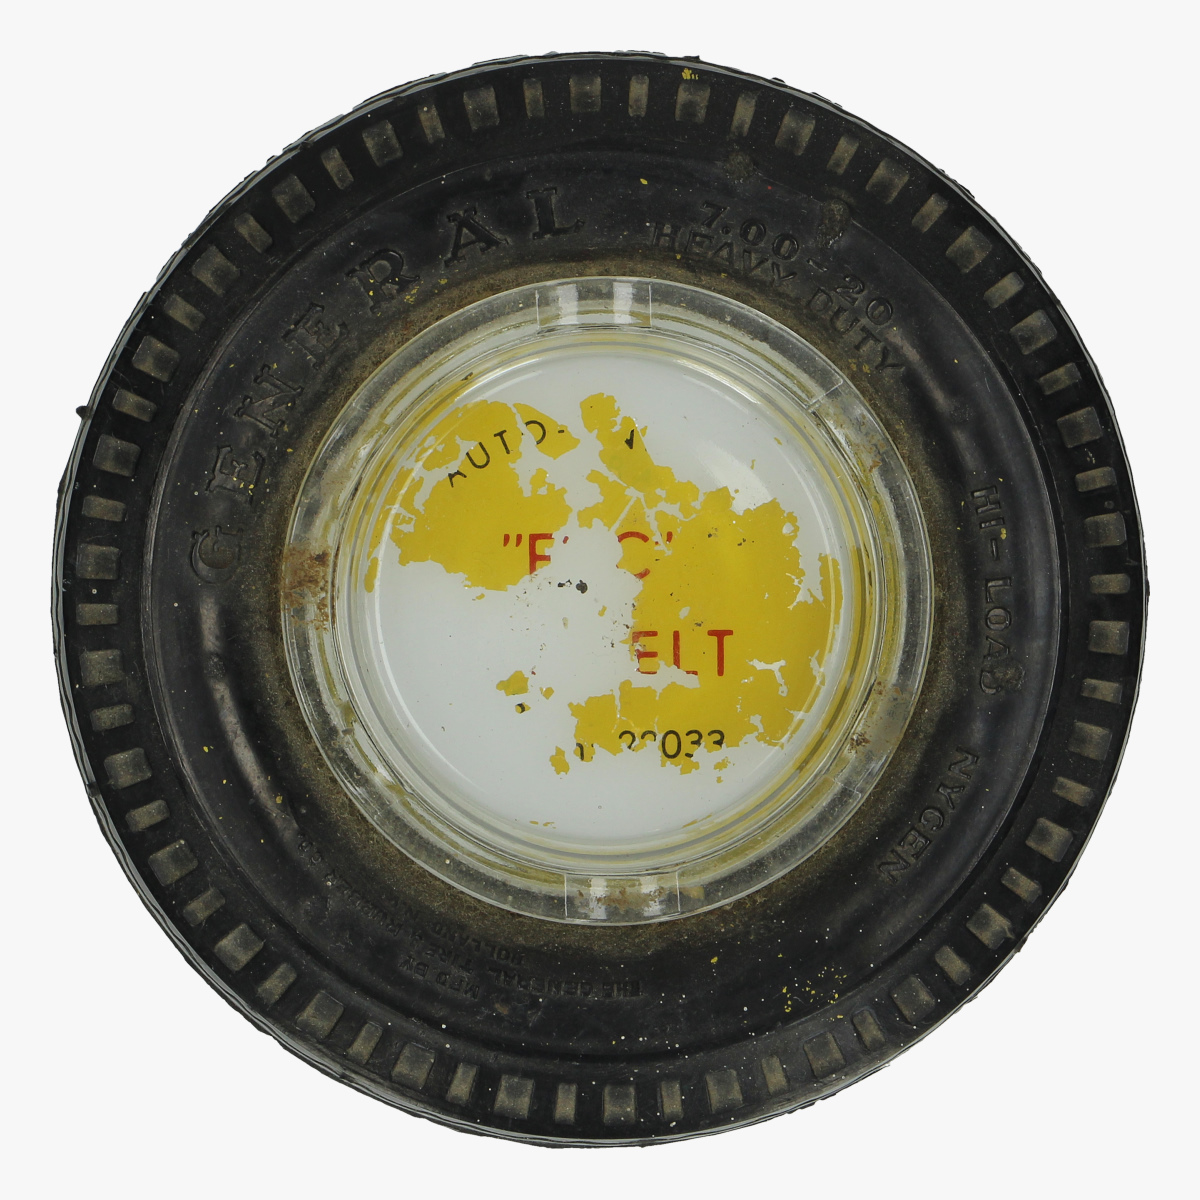 Afbeeldingen van asbak general tires